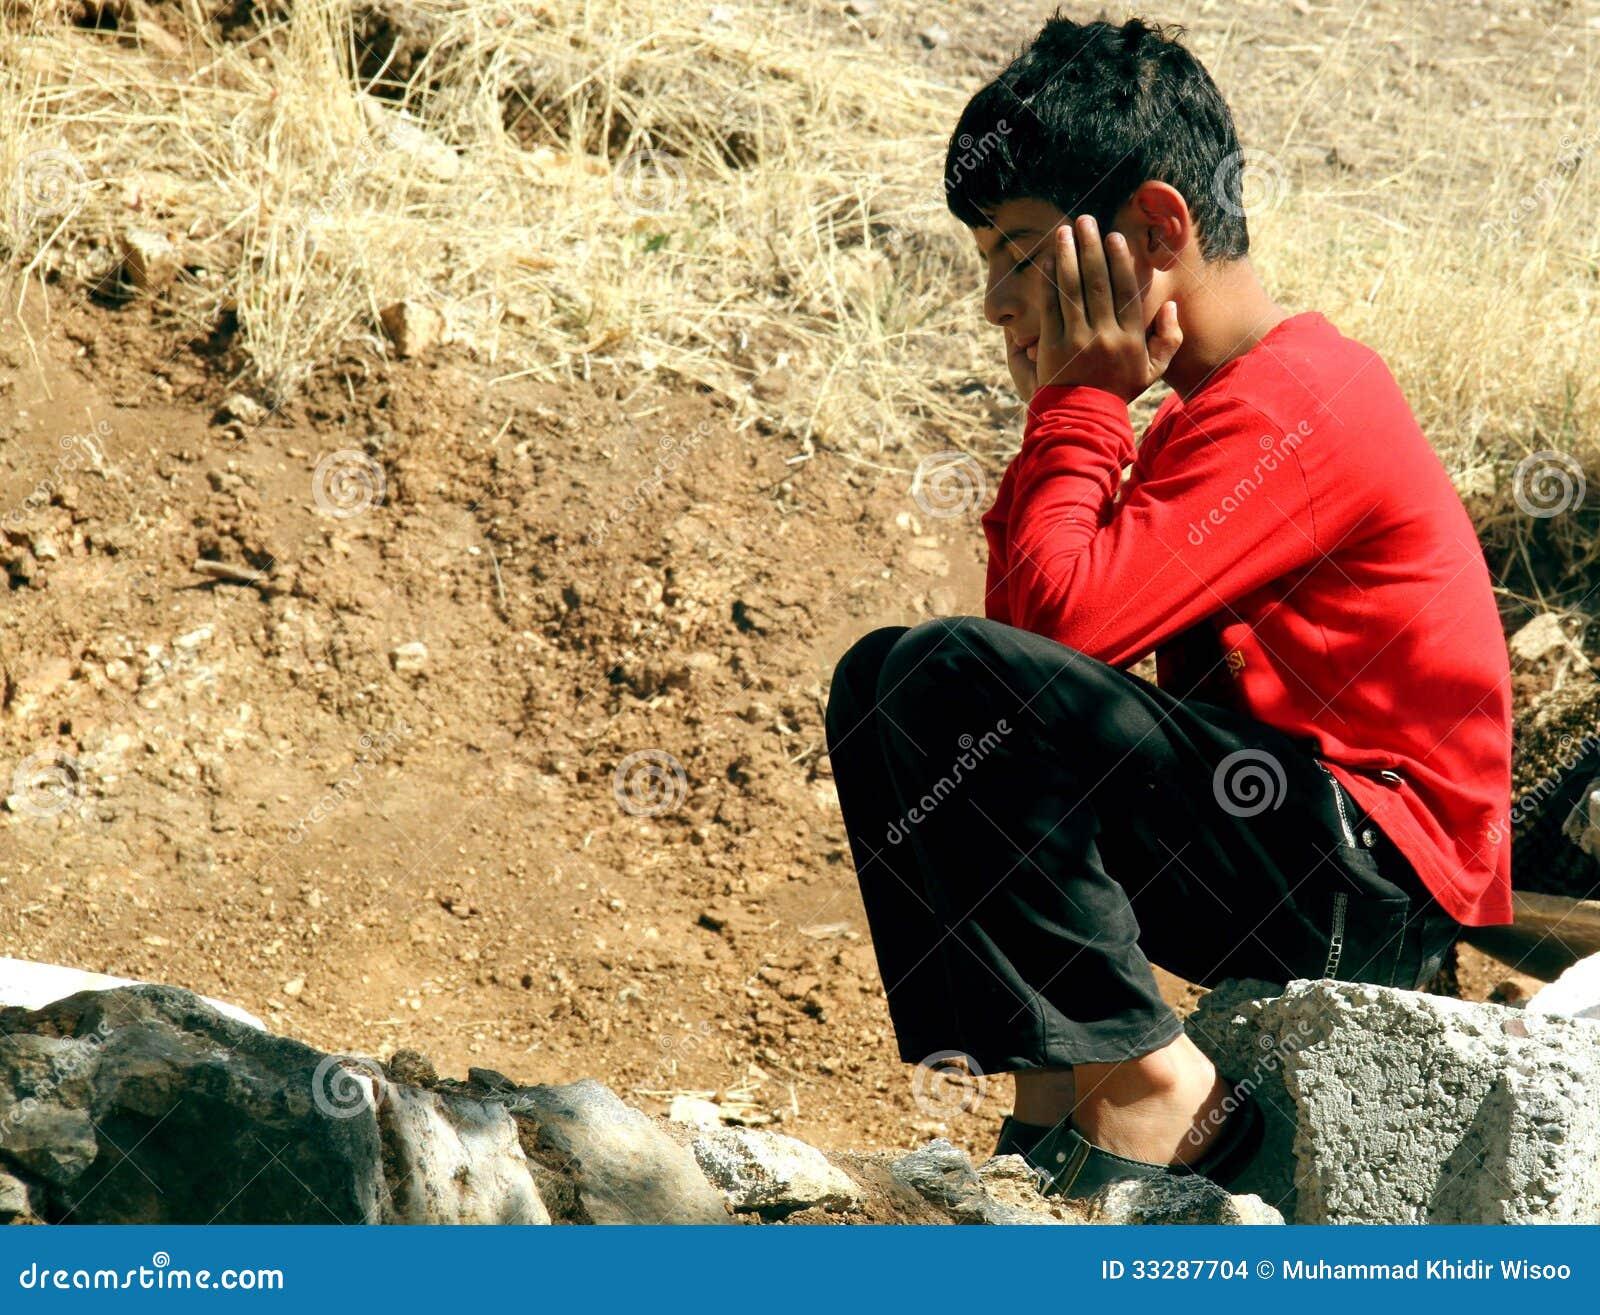 Poor Boy Editorial Stock Image